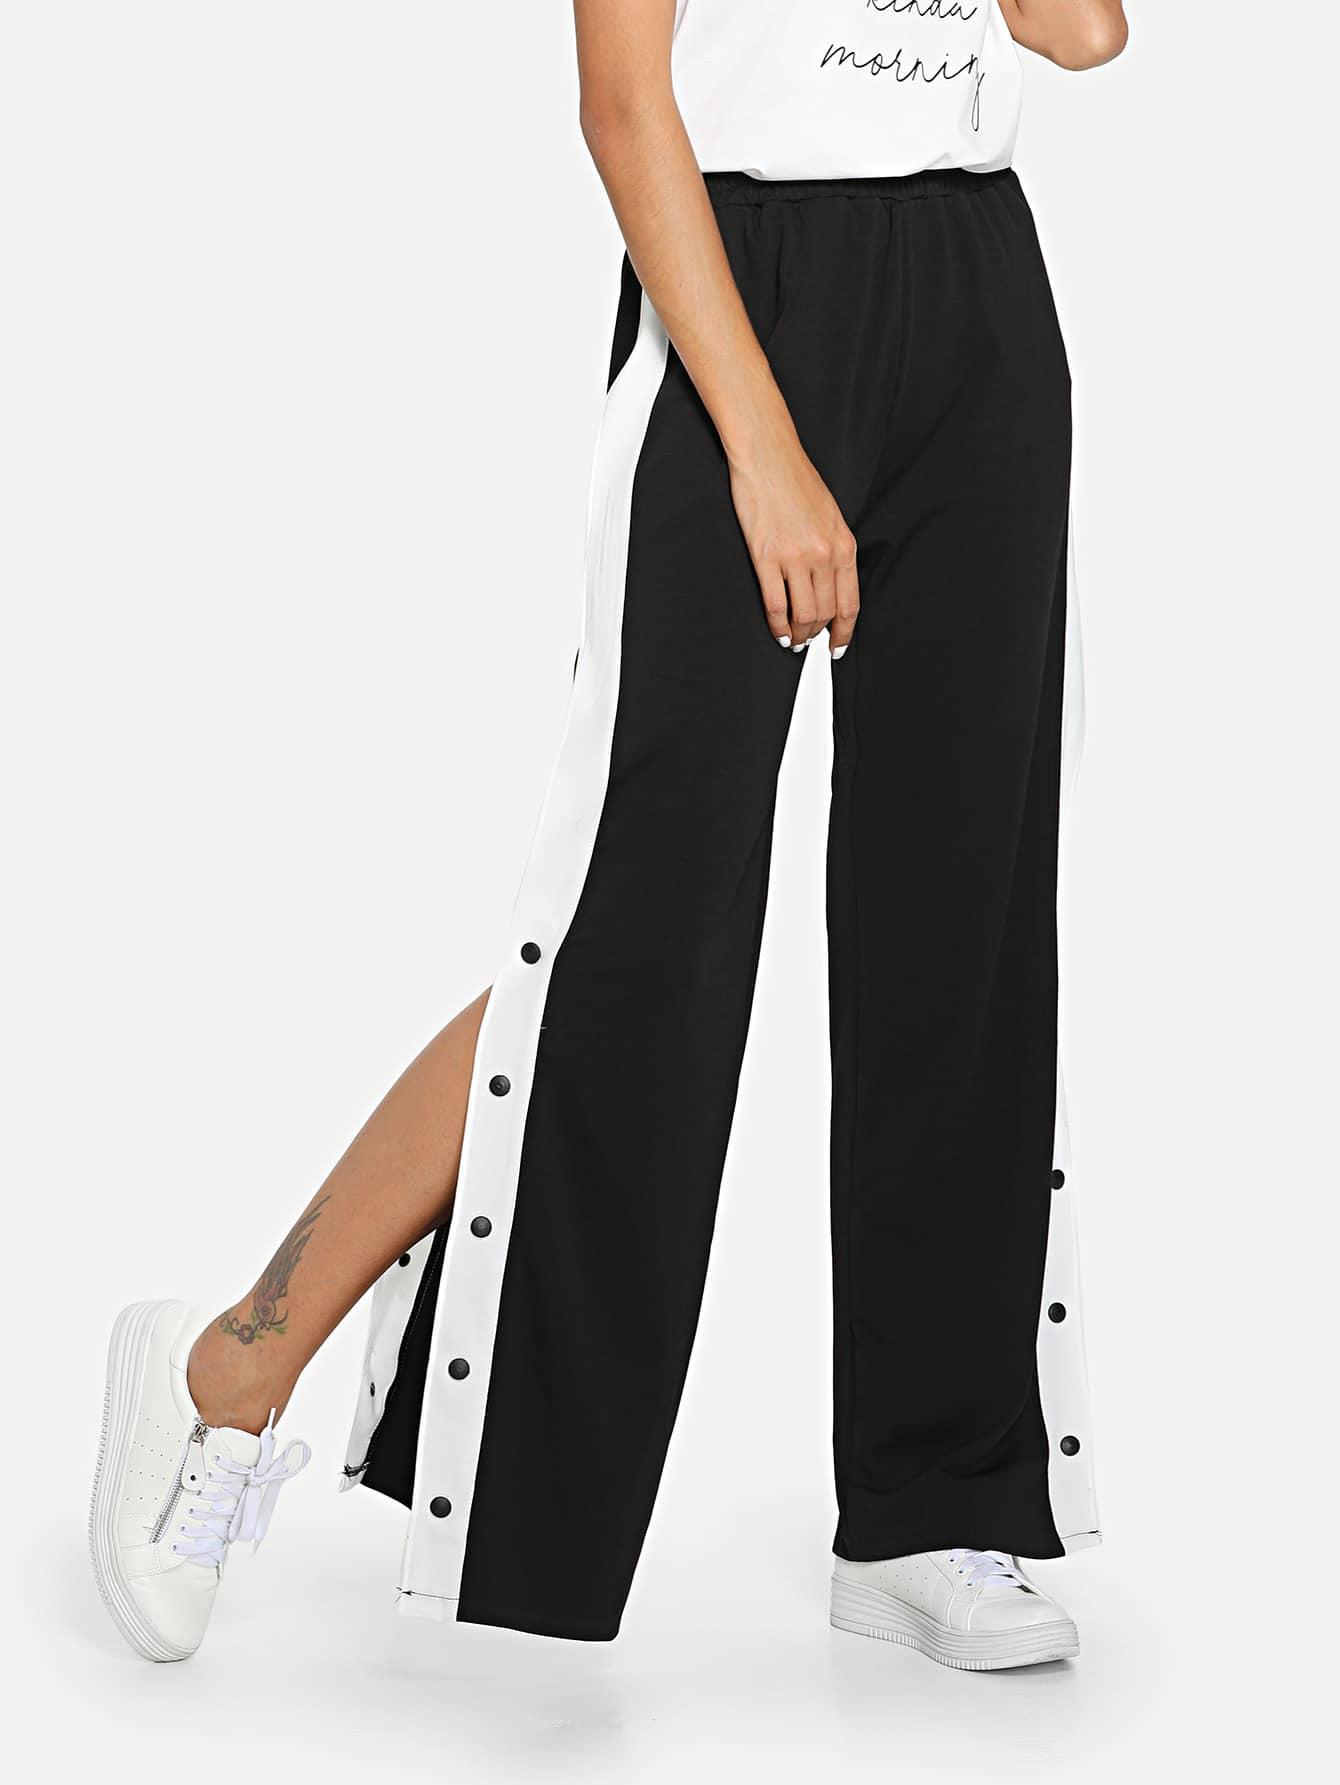 Купить Свободные полосатые брюки с кнопкой, Giulia, SheIn